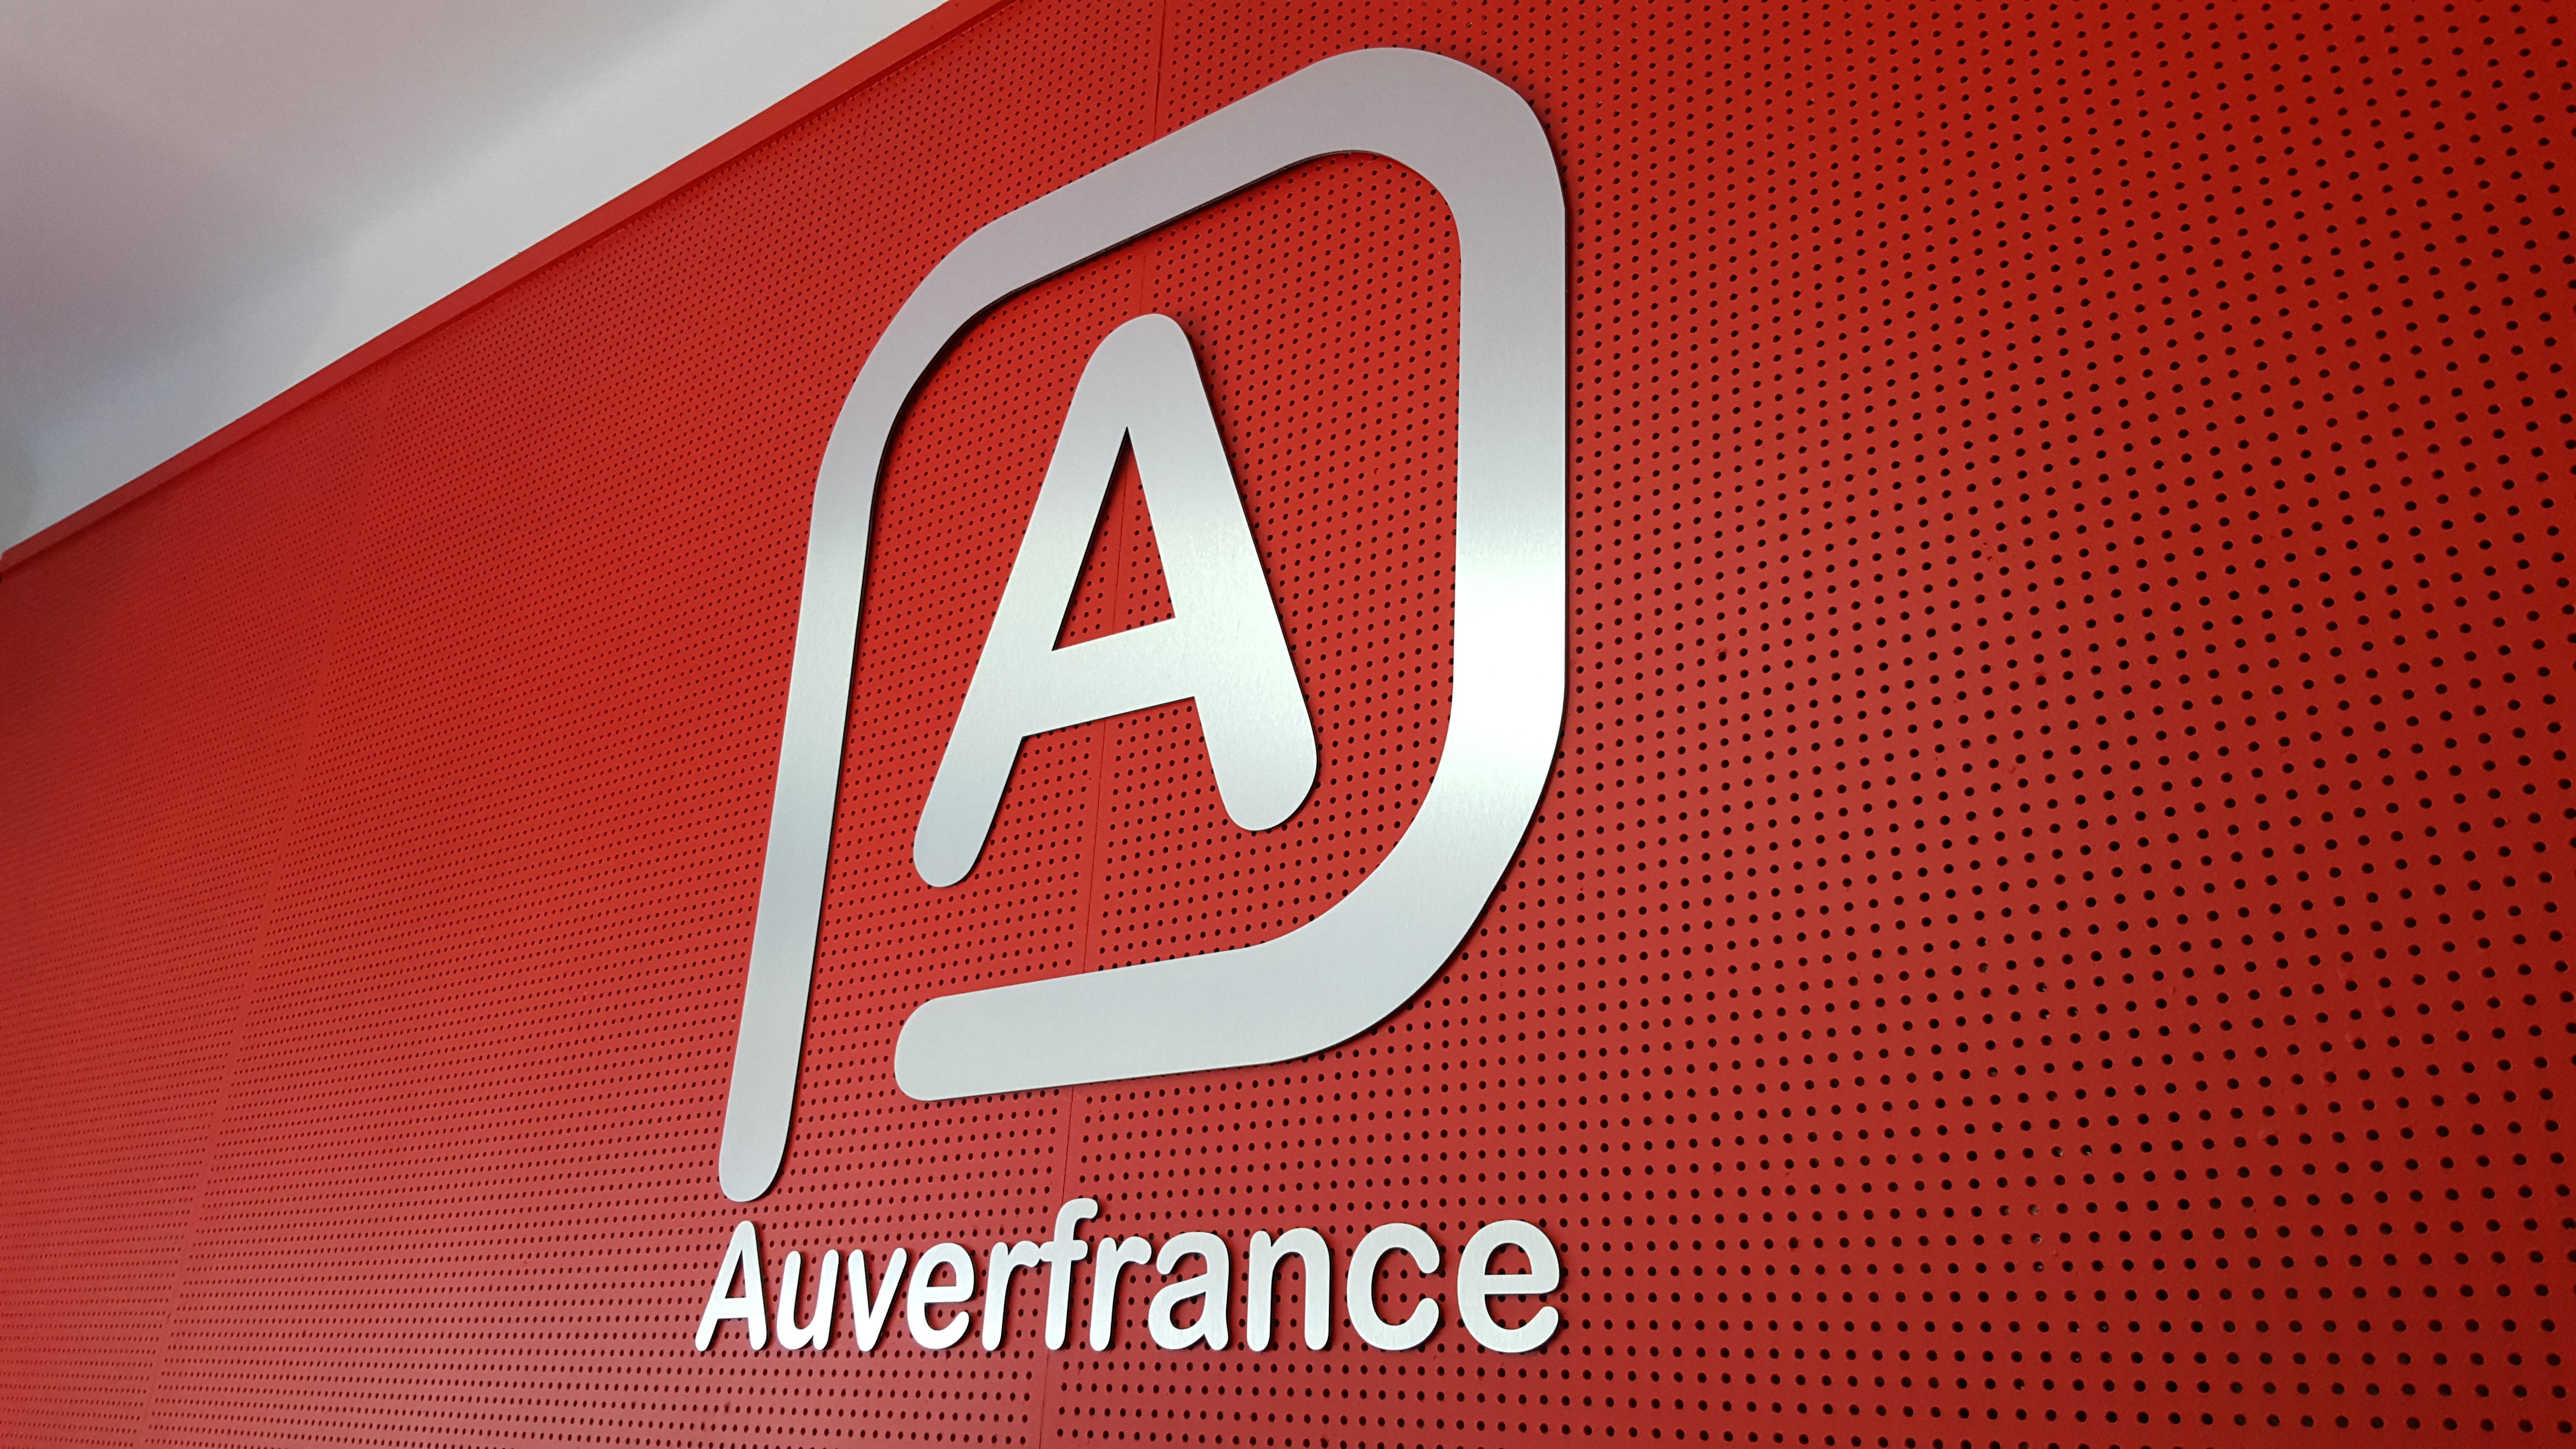 Auverfrance